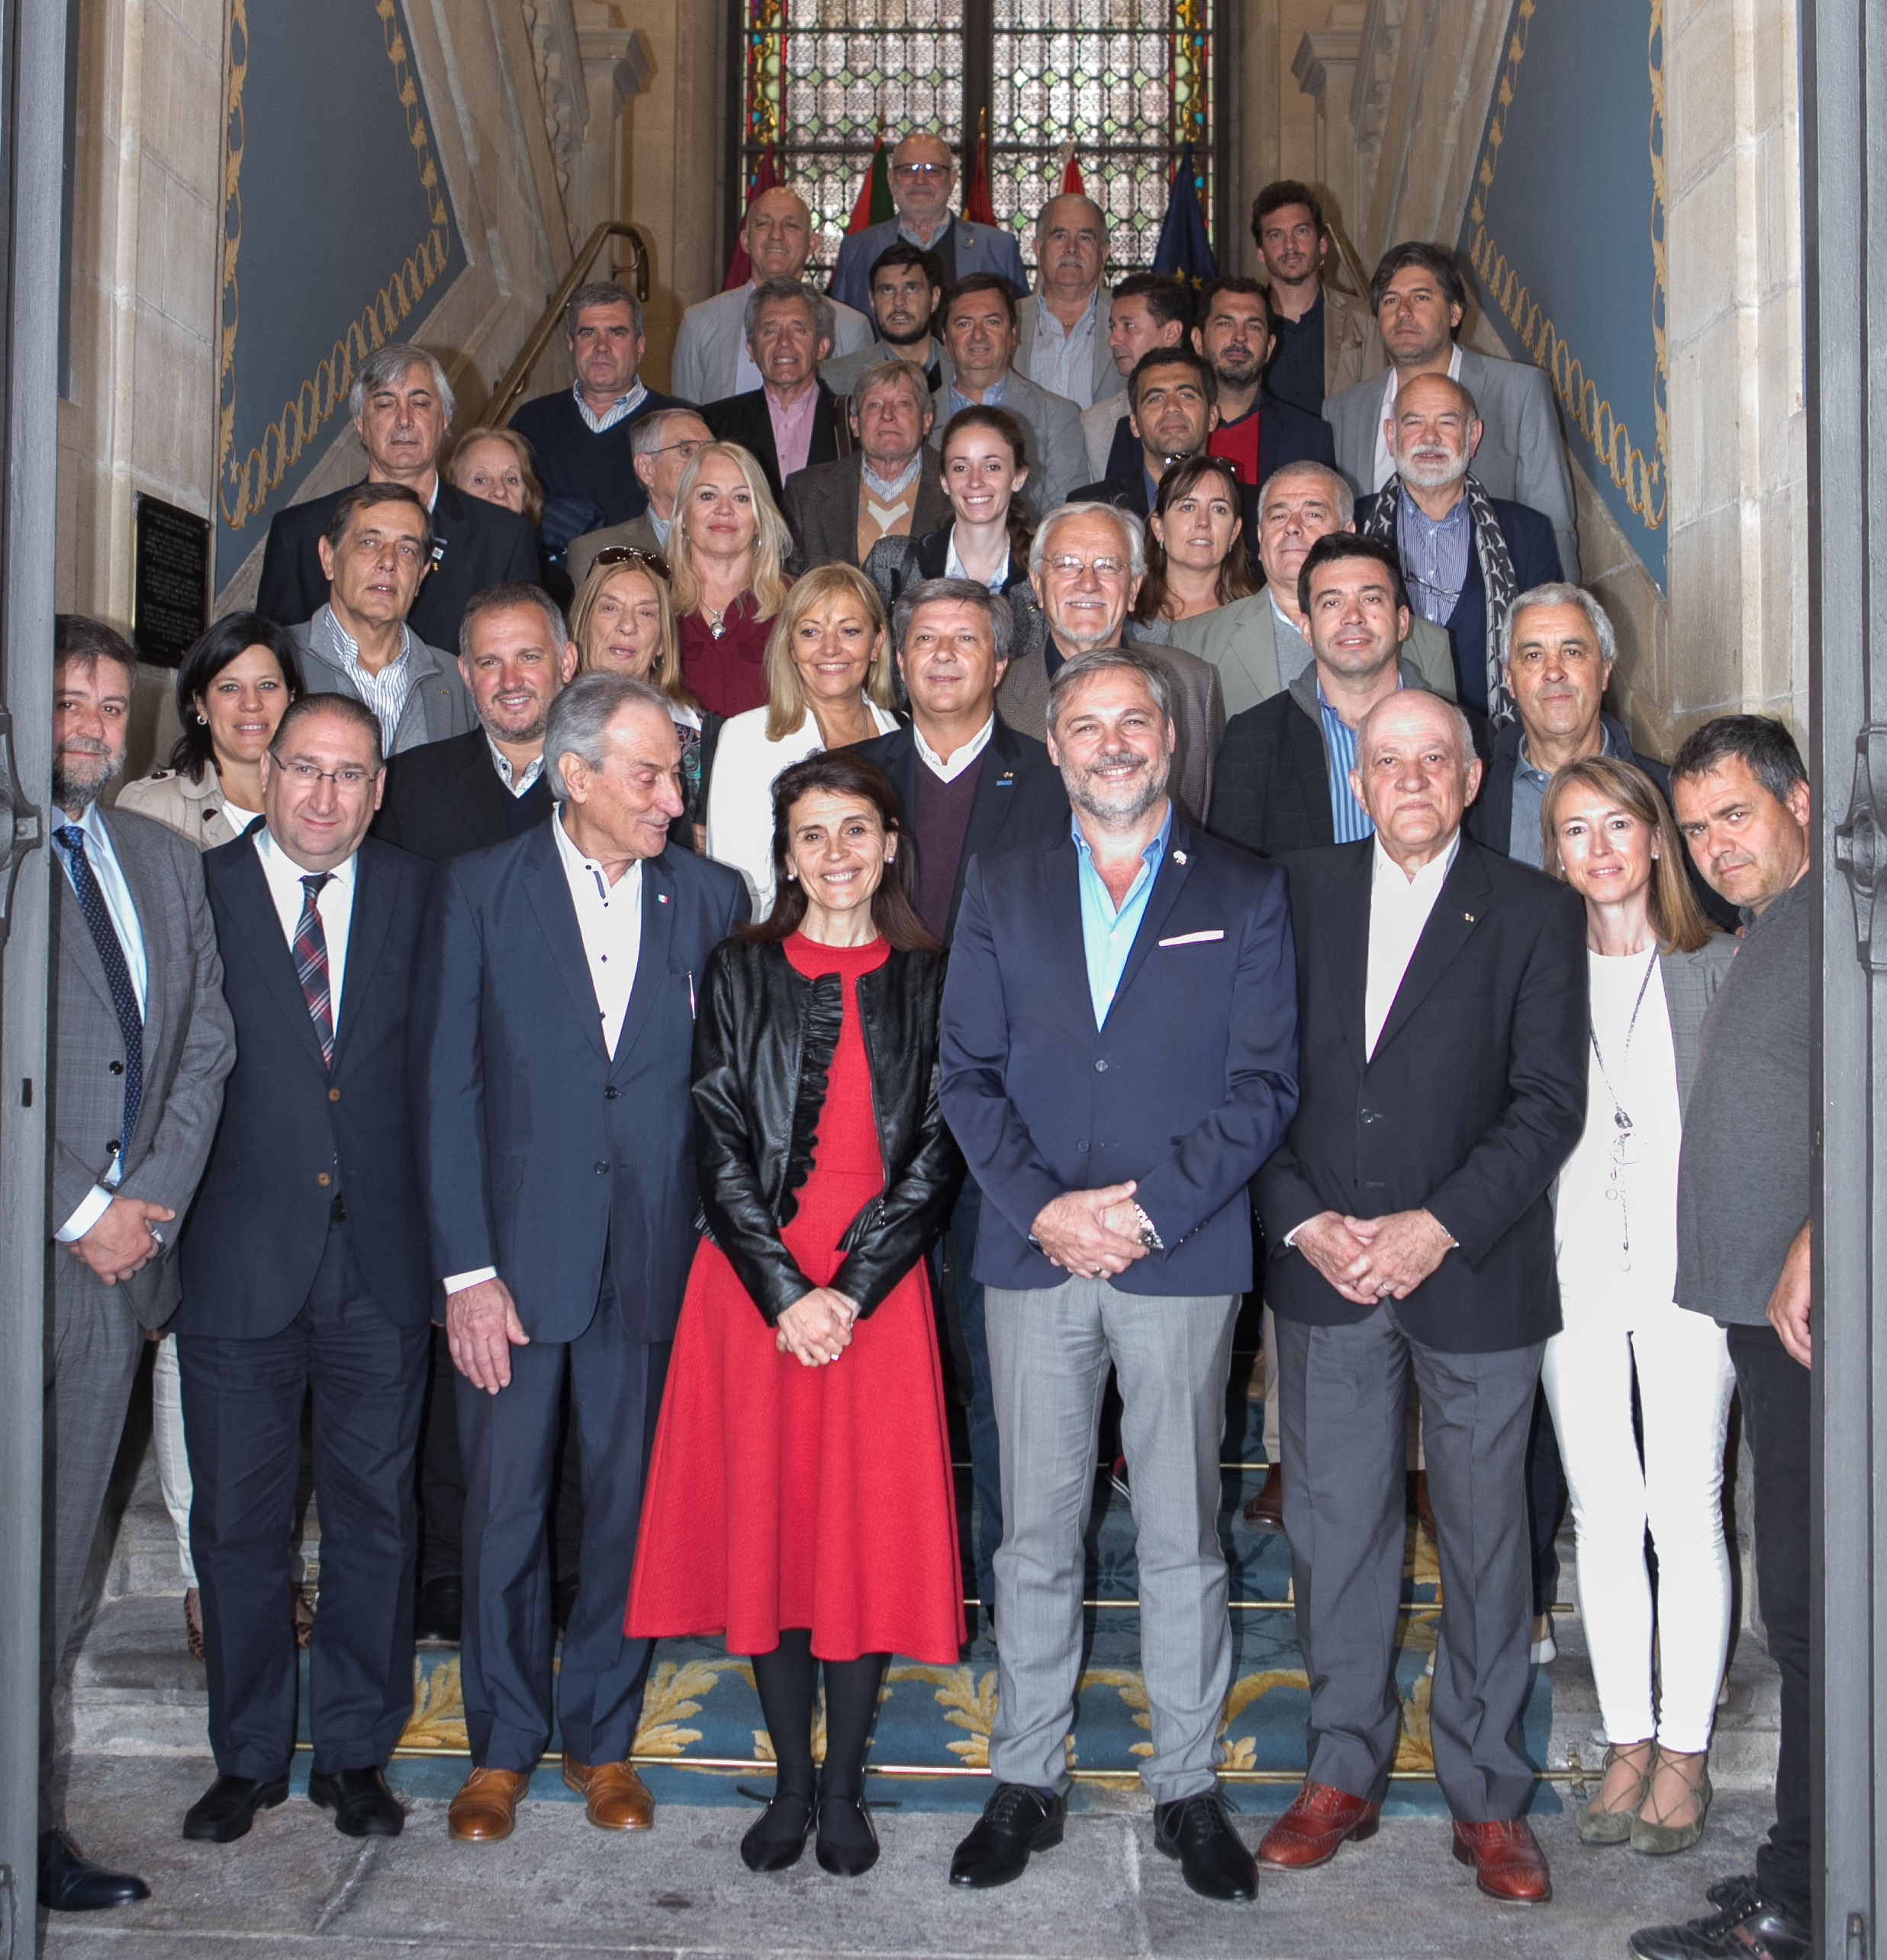 La Confederación Argentina de la Mediana Empresa (CAME) visita Vitoria-Gasteiz